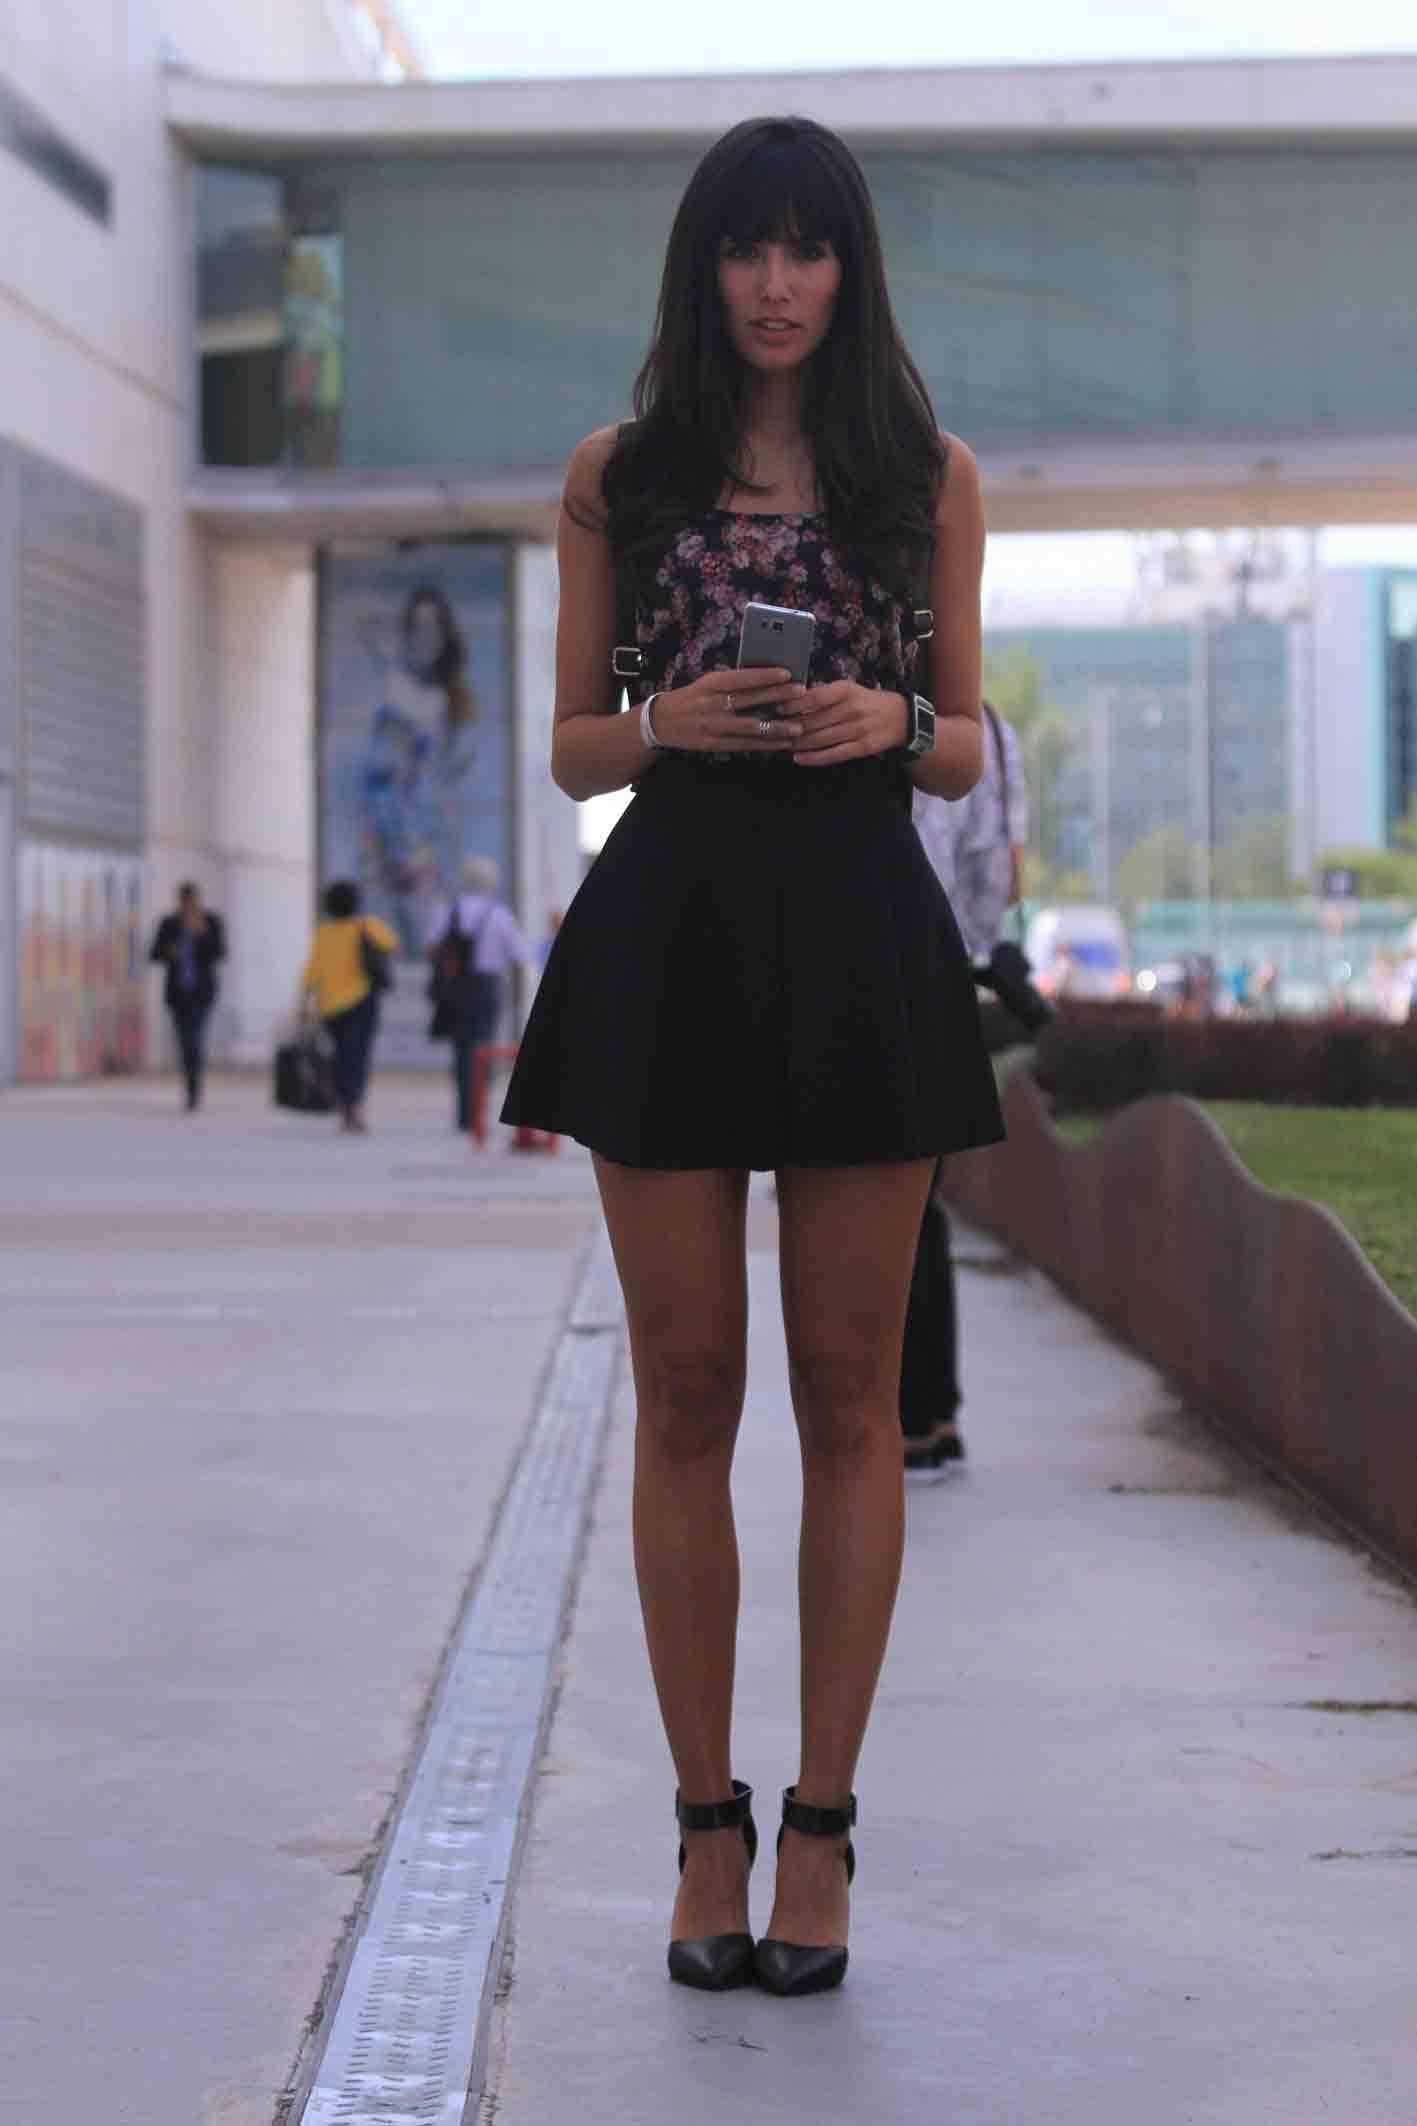 <p>Ana le da un twist al estampado de flores con una minifalda negra de Zara y un top de Bershka. Reinterpreta las tendencias de la temporada sin quemar la tarjeta de crédito. </p>